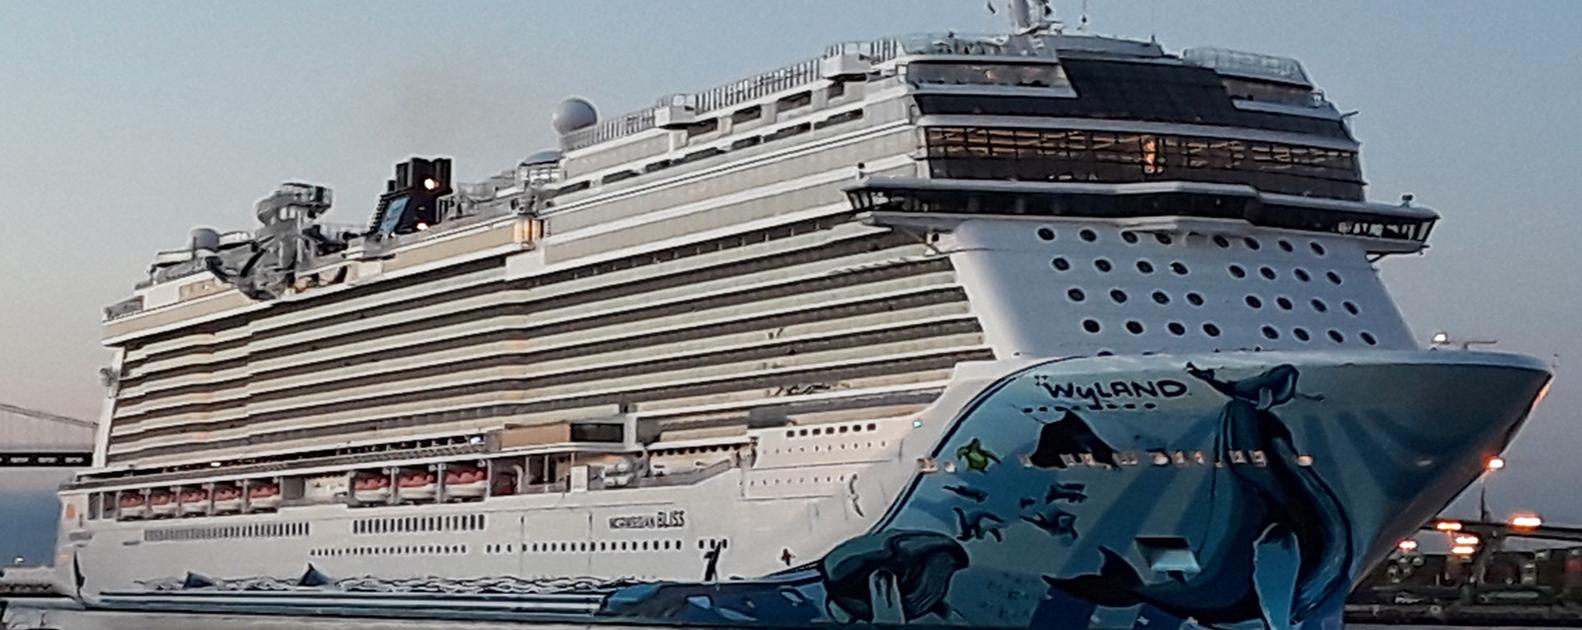 Poseidon Ship Stores